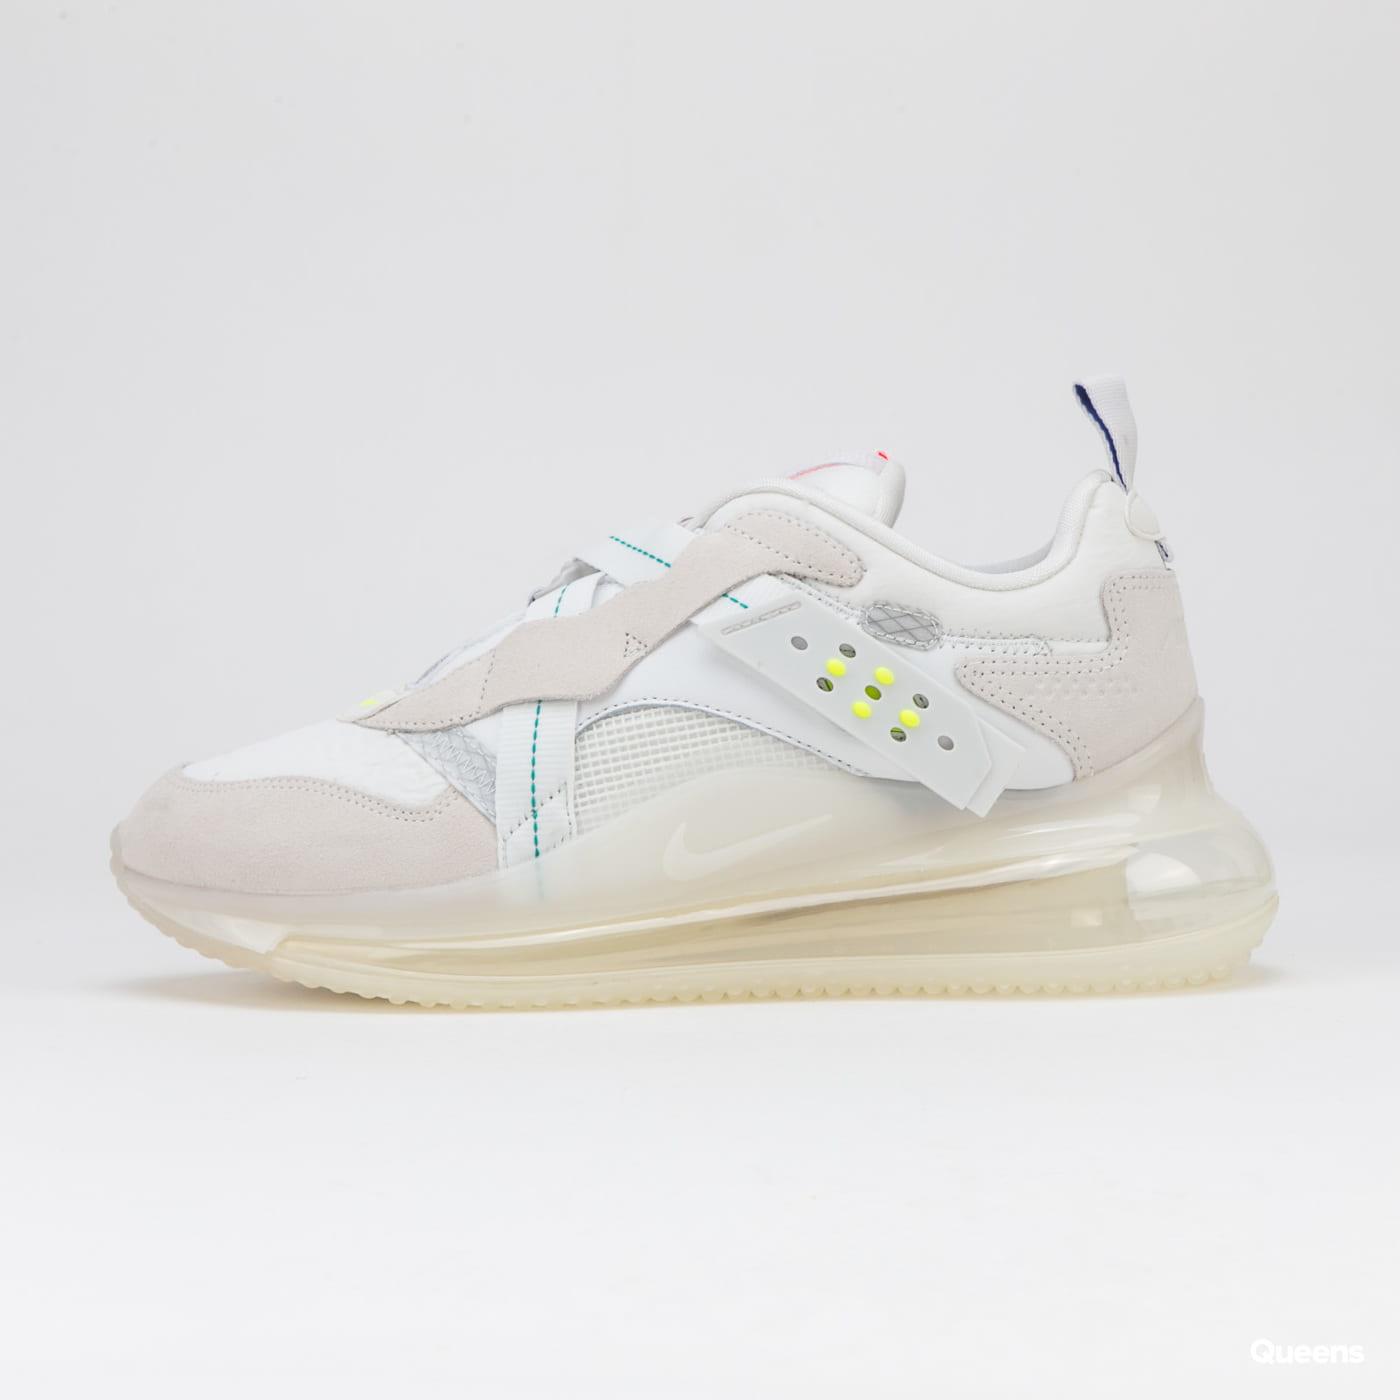 Nike Air Max 720 Slip / OBJ summit white / summit white